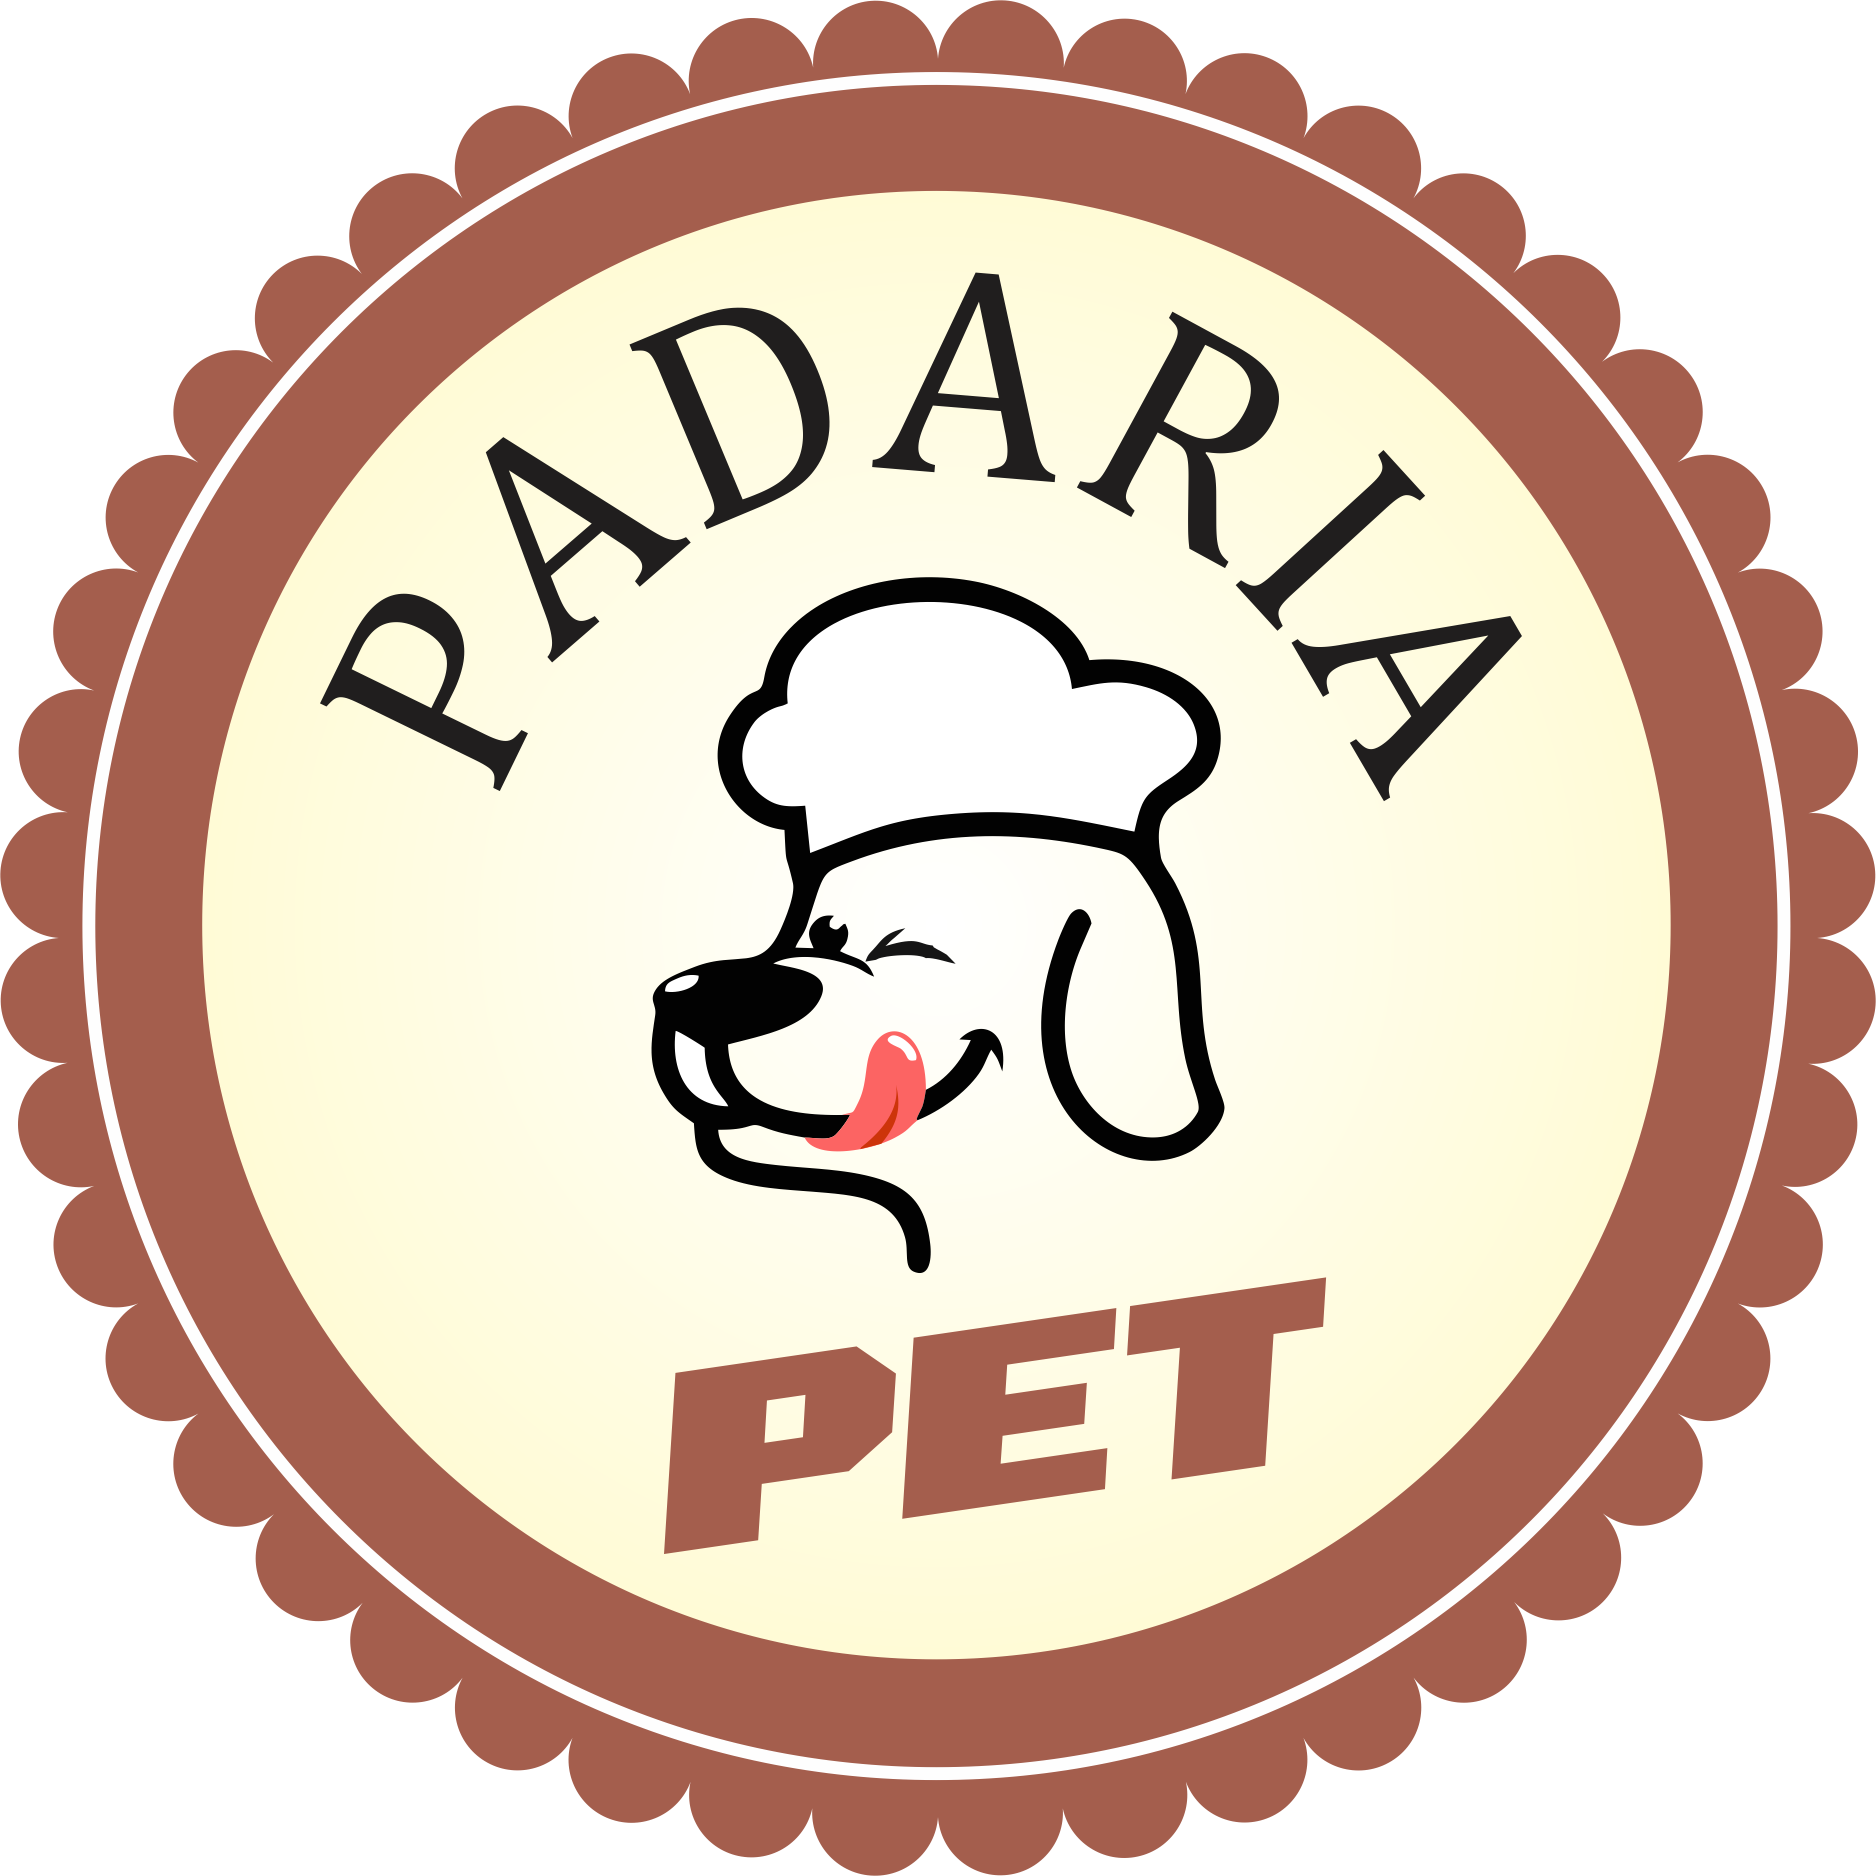 Padaria Pet